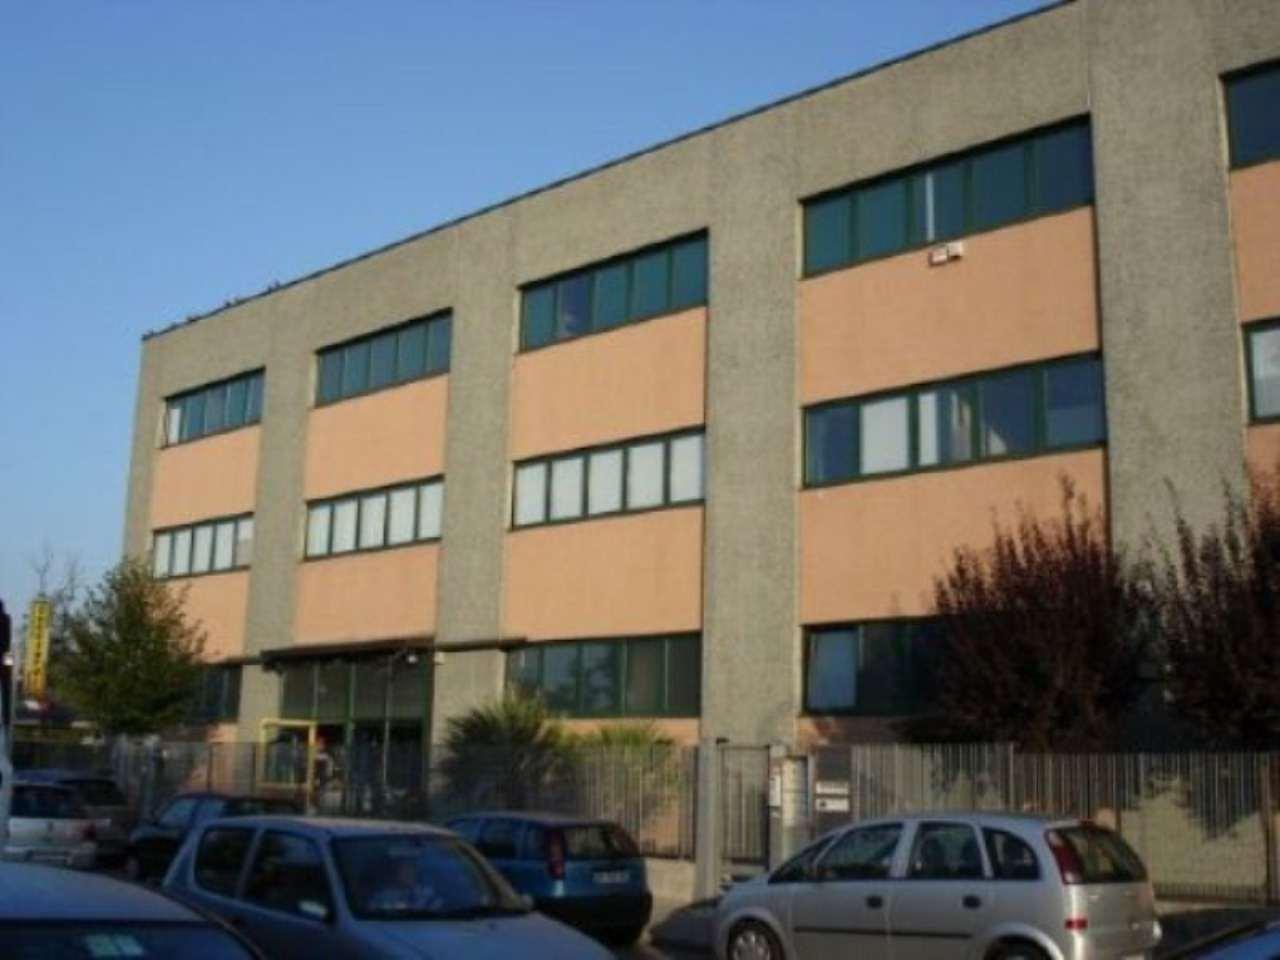 Laboratorio in vendita a Cormano, 9999 locali, prezzo € 550.000 | Cambio Casa.it